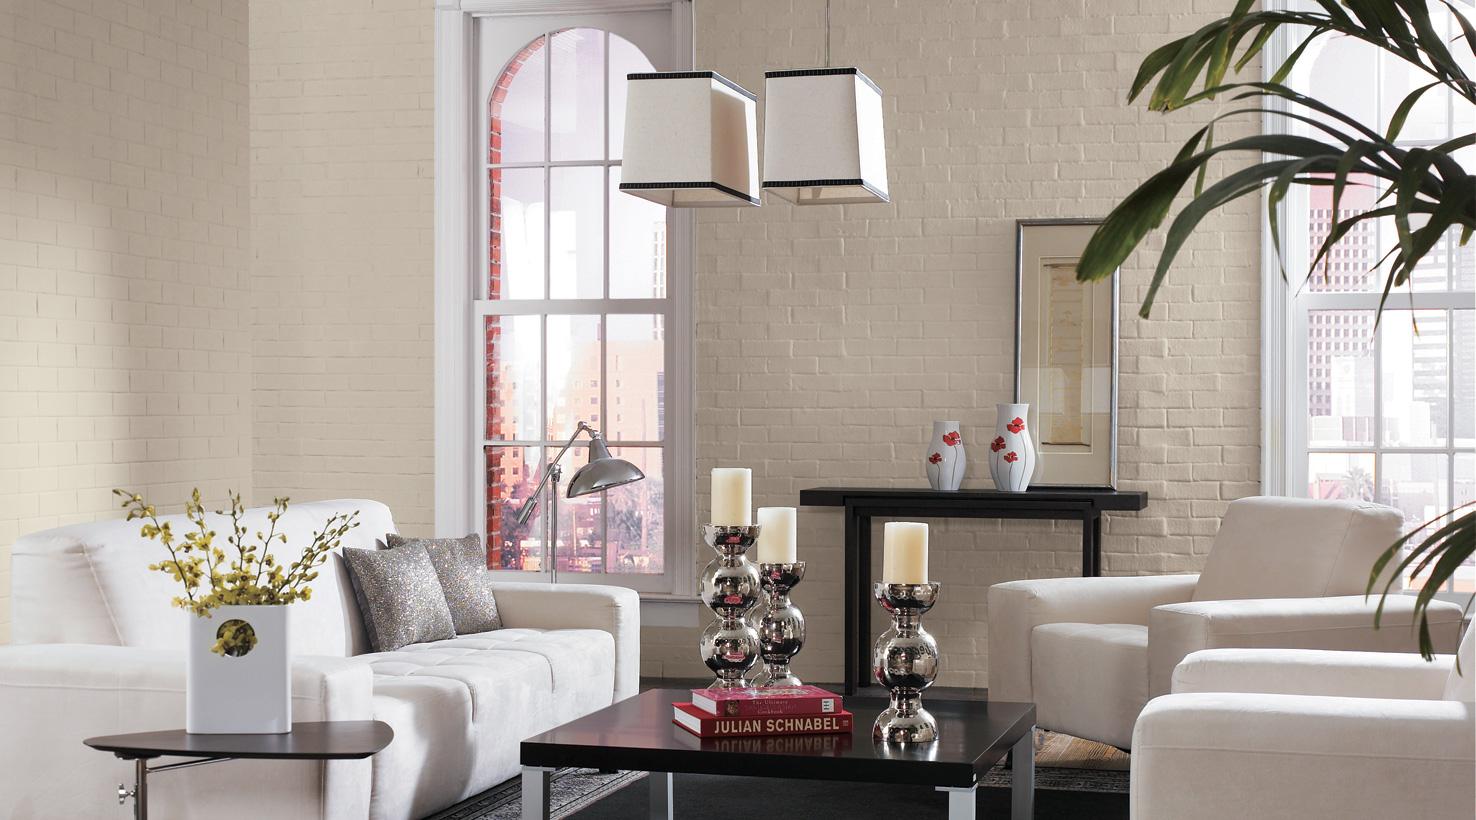 Living Room - Neutrals